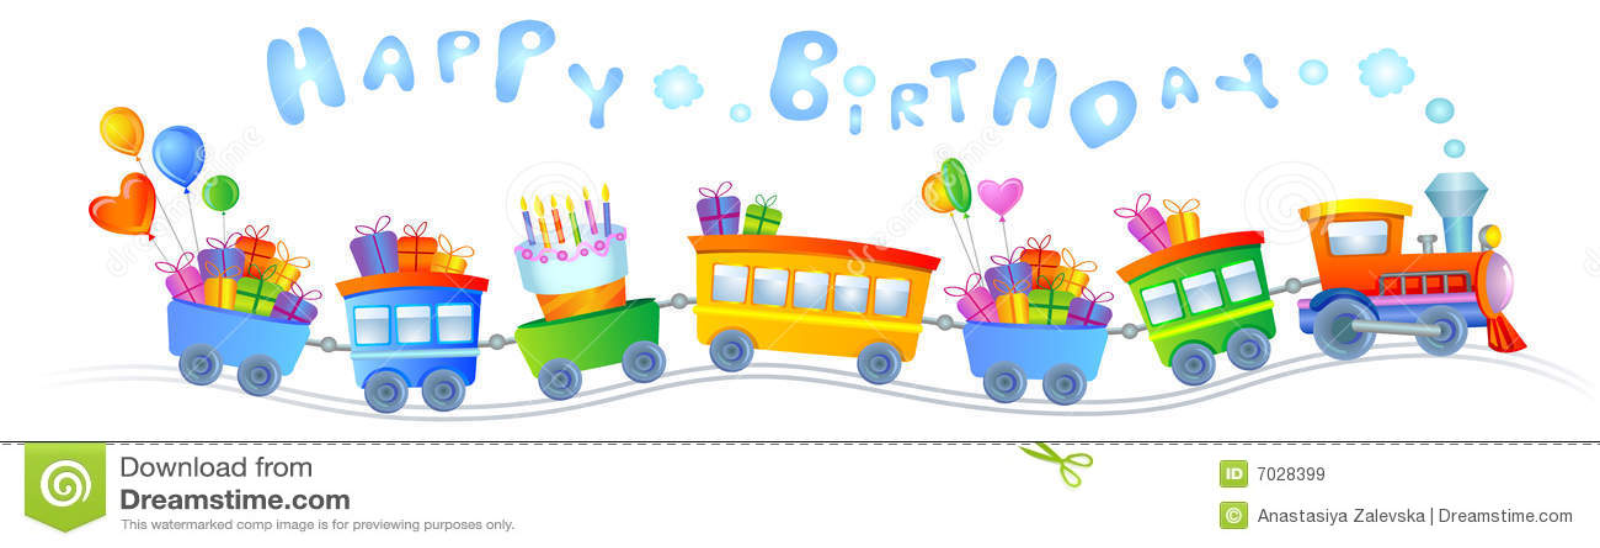 Открытка с днем рождения с поездом